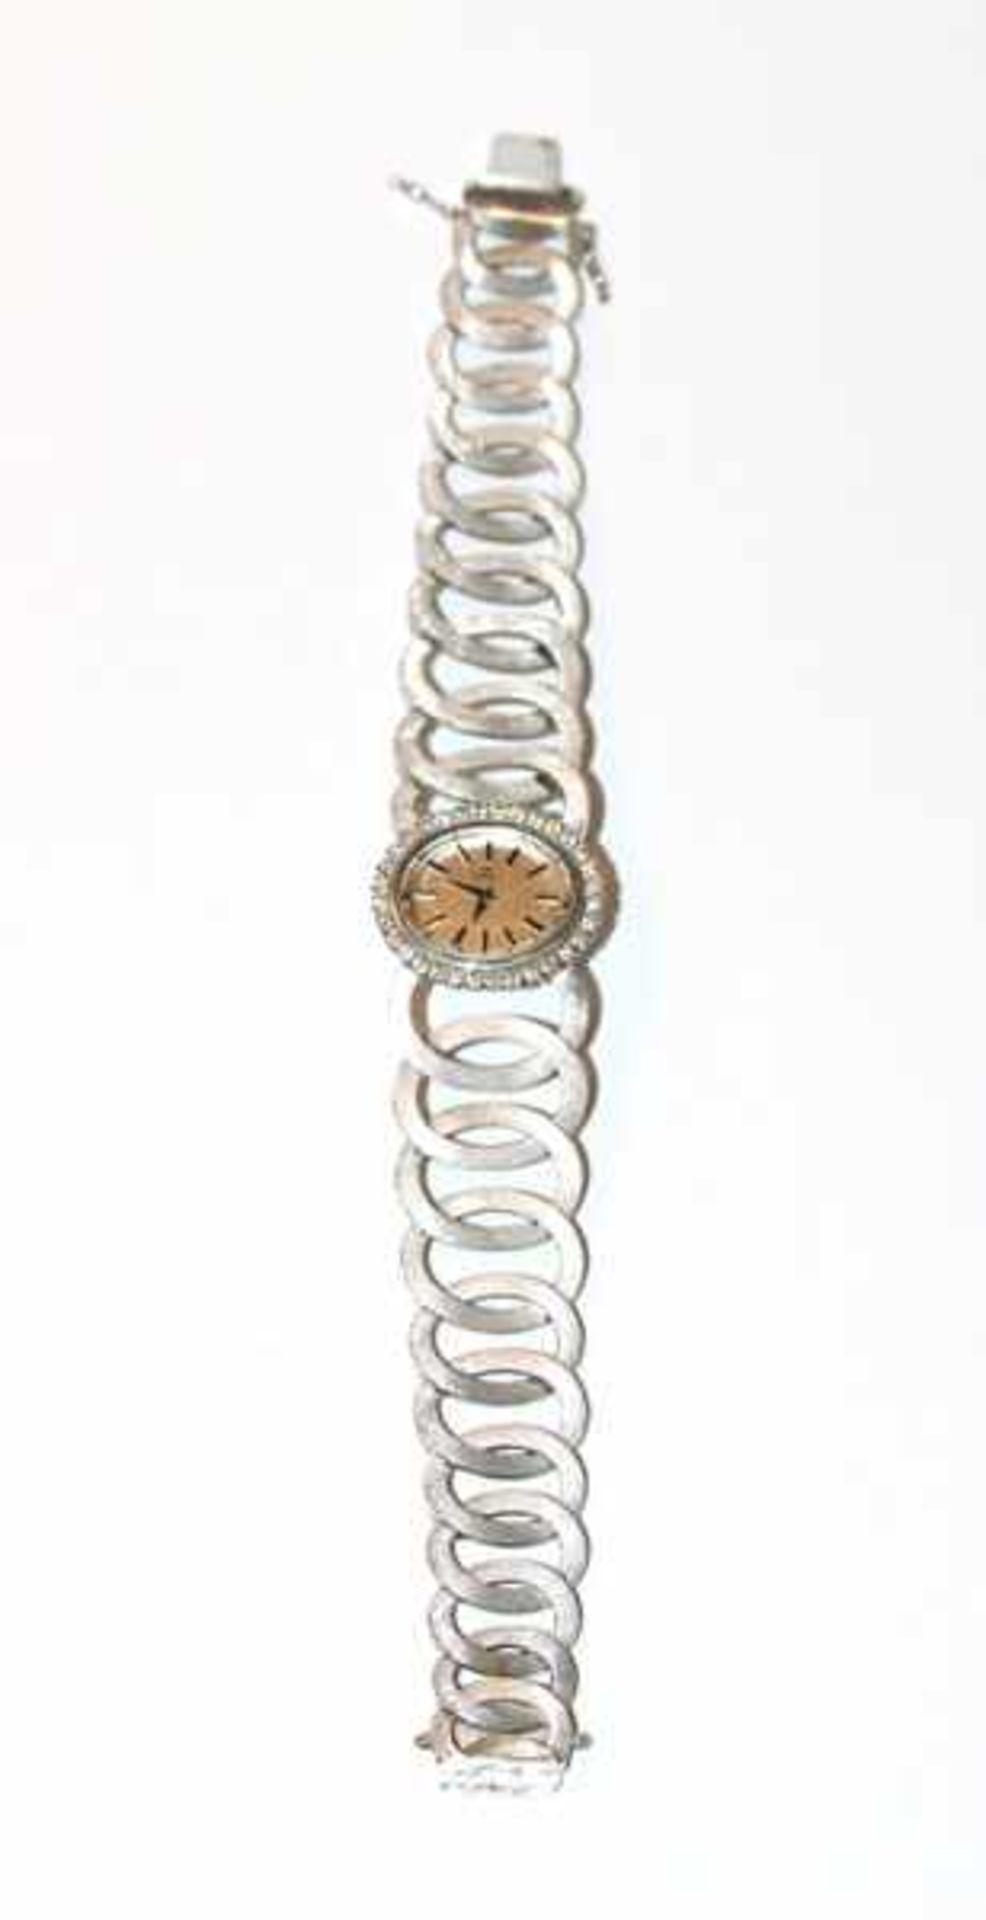 Los 19 - Ebel Damen-Armbanduhr, 18 k Weißgold , Zifferblatt mit 32 Brillanten, zus. 0,68 ct., Armband